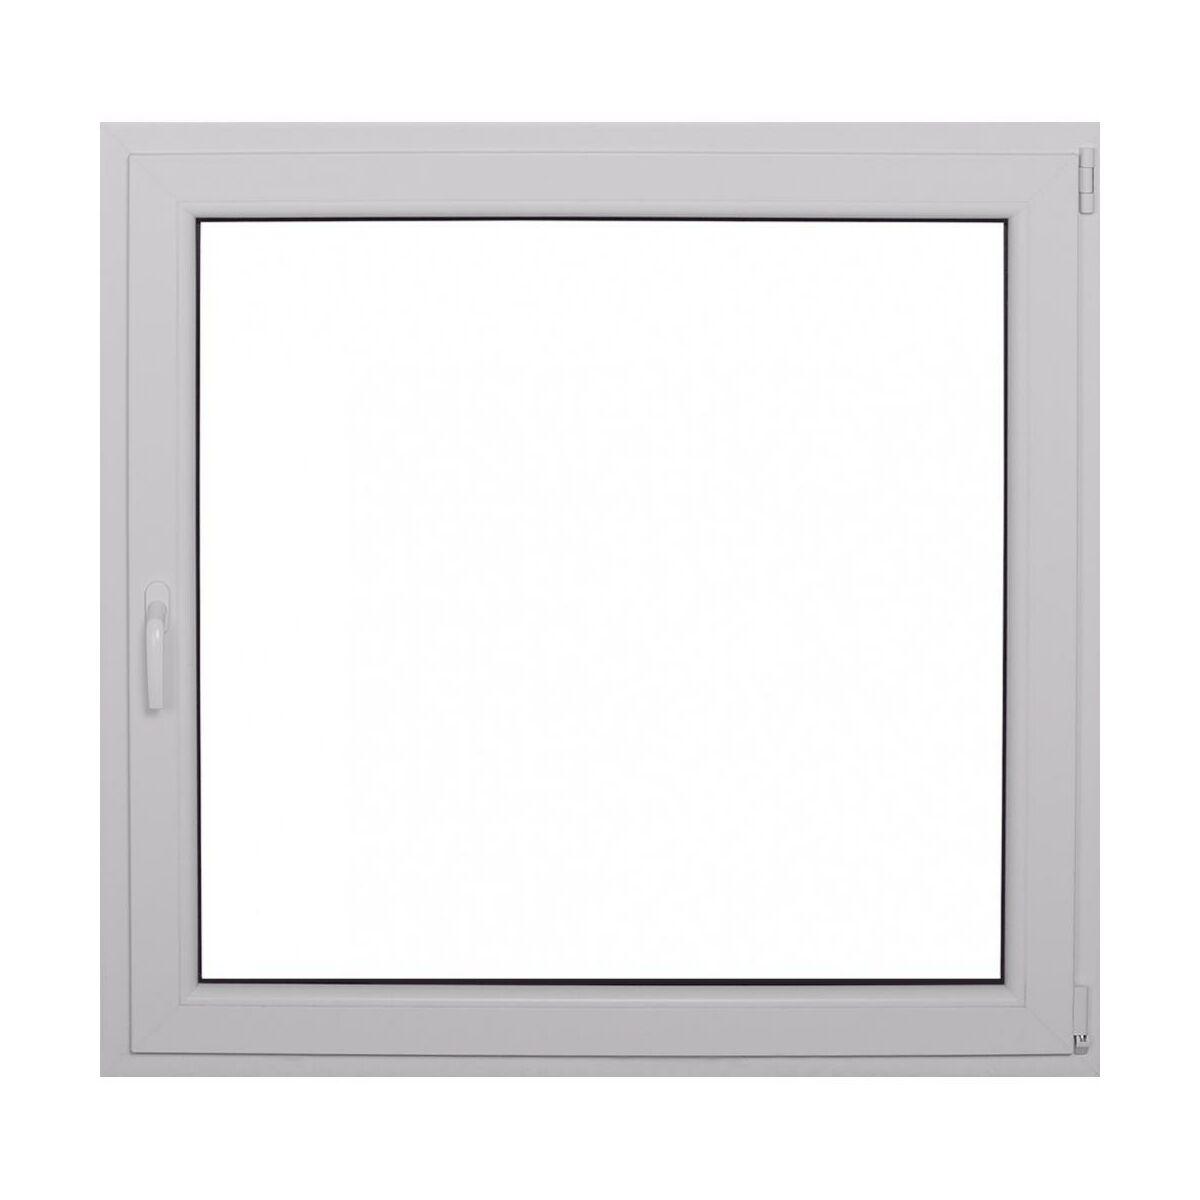 Okno Pcv 2 Szybowe O16 Biale 1165 X 1135 Mm Okna Pvc W Atrakcyjnej Cenie W Sklepach Leroy Merlin